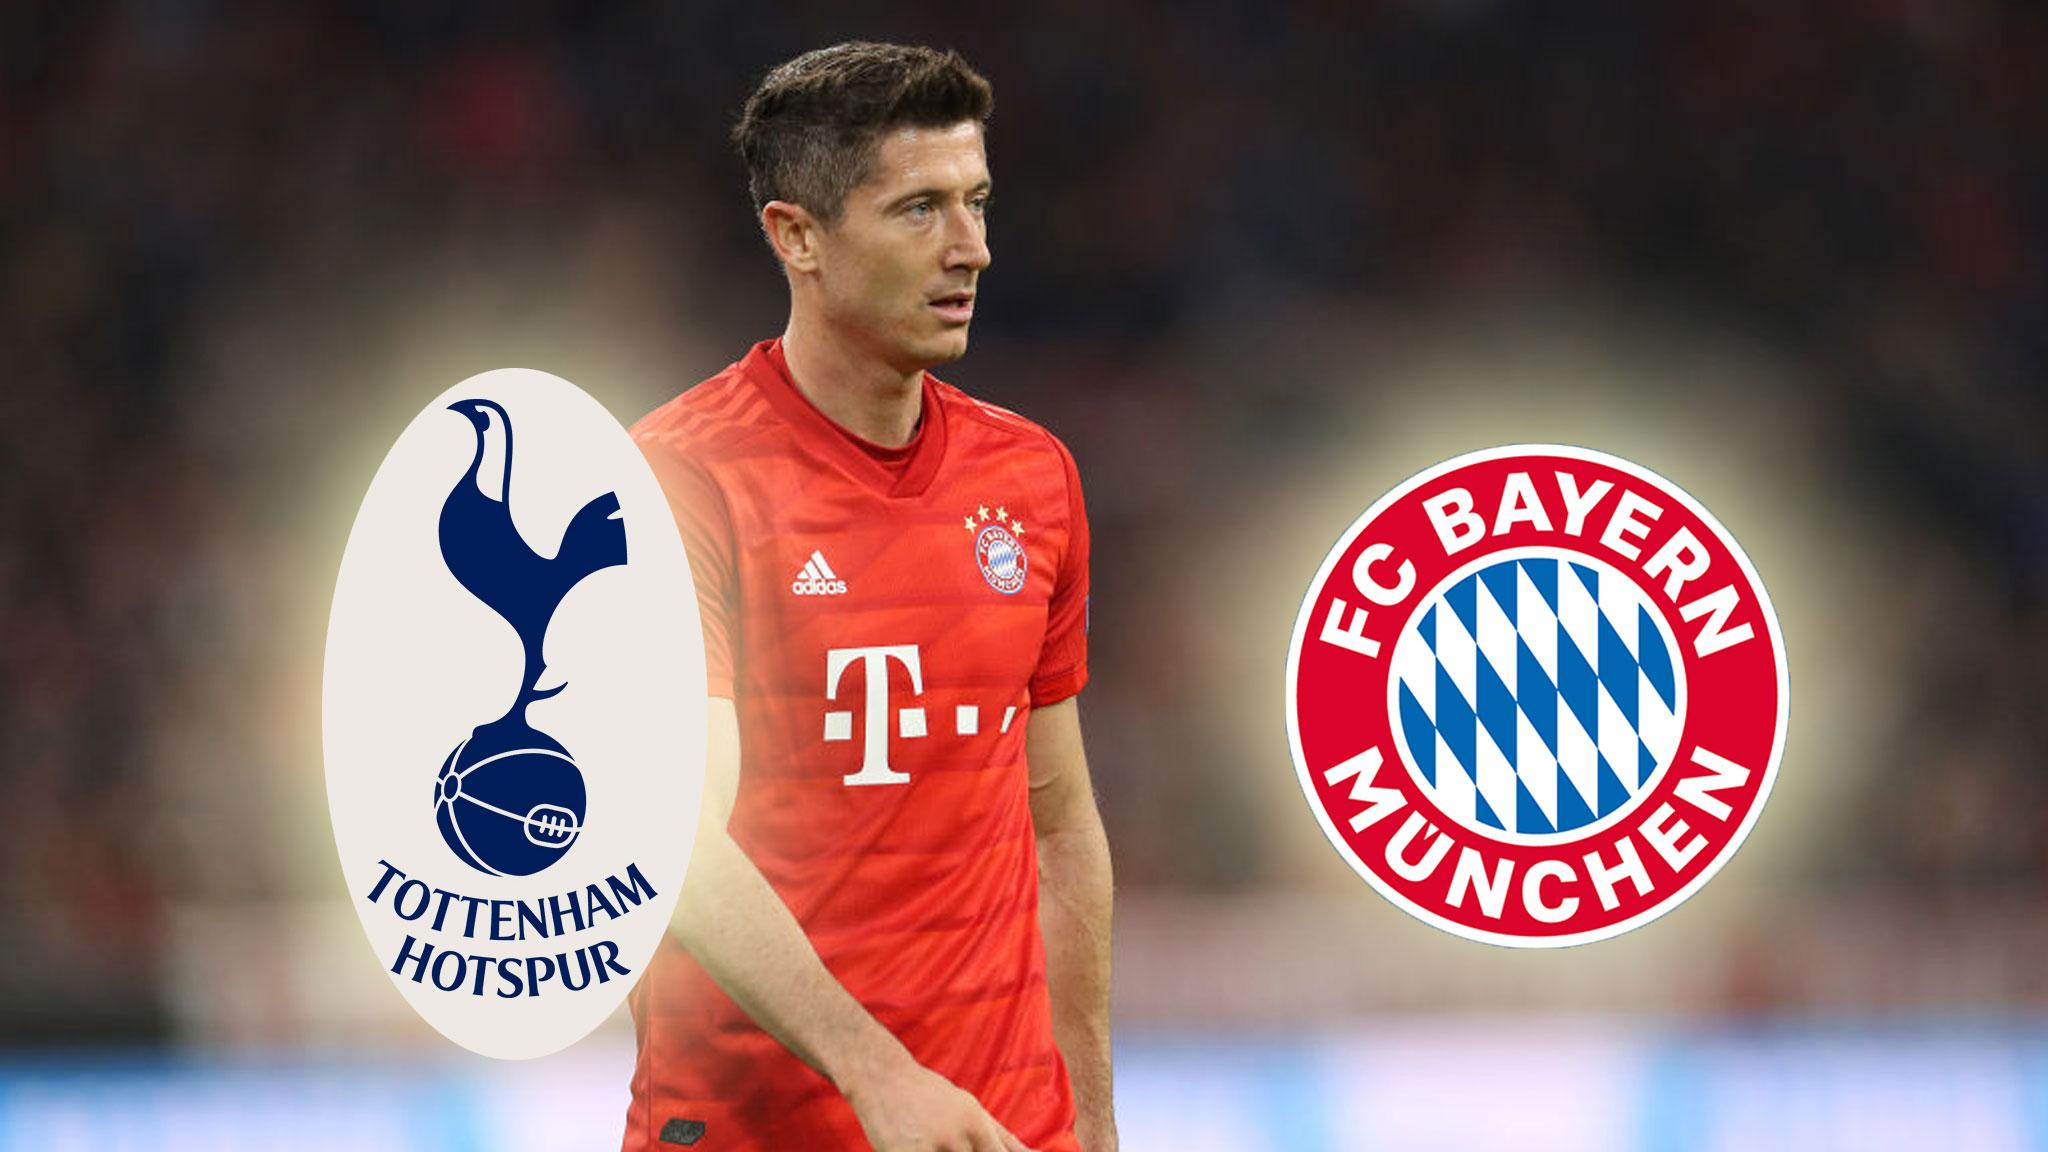 Wer Ubertragt Tottenham Hotspur Vs Fc Bayern Munchen Heute